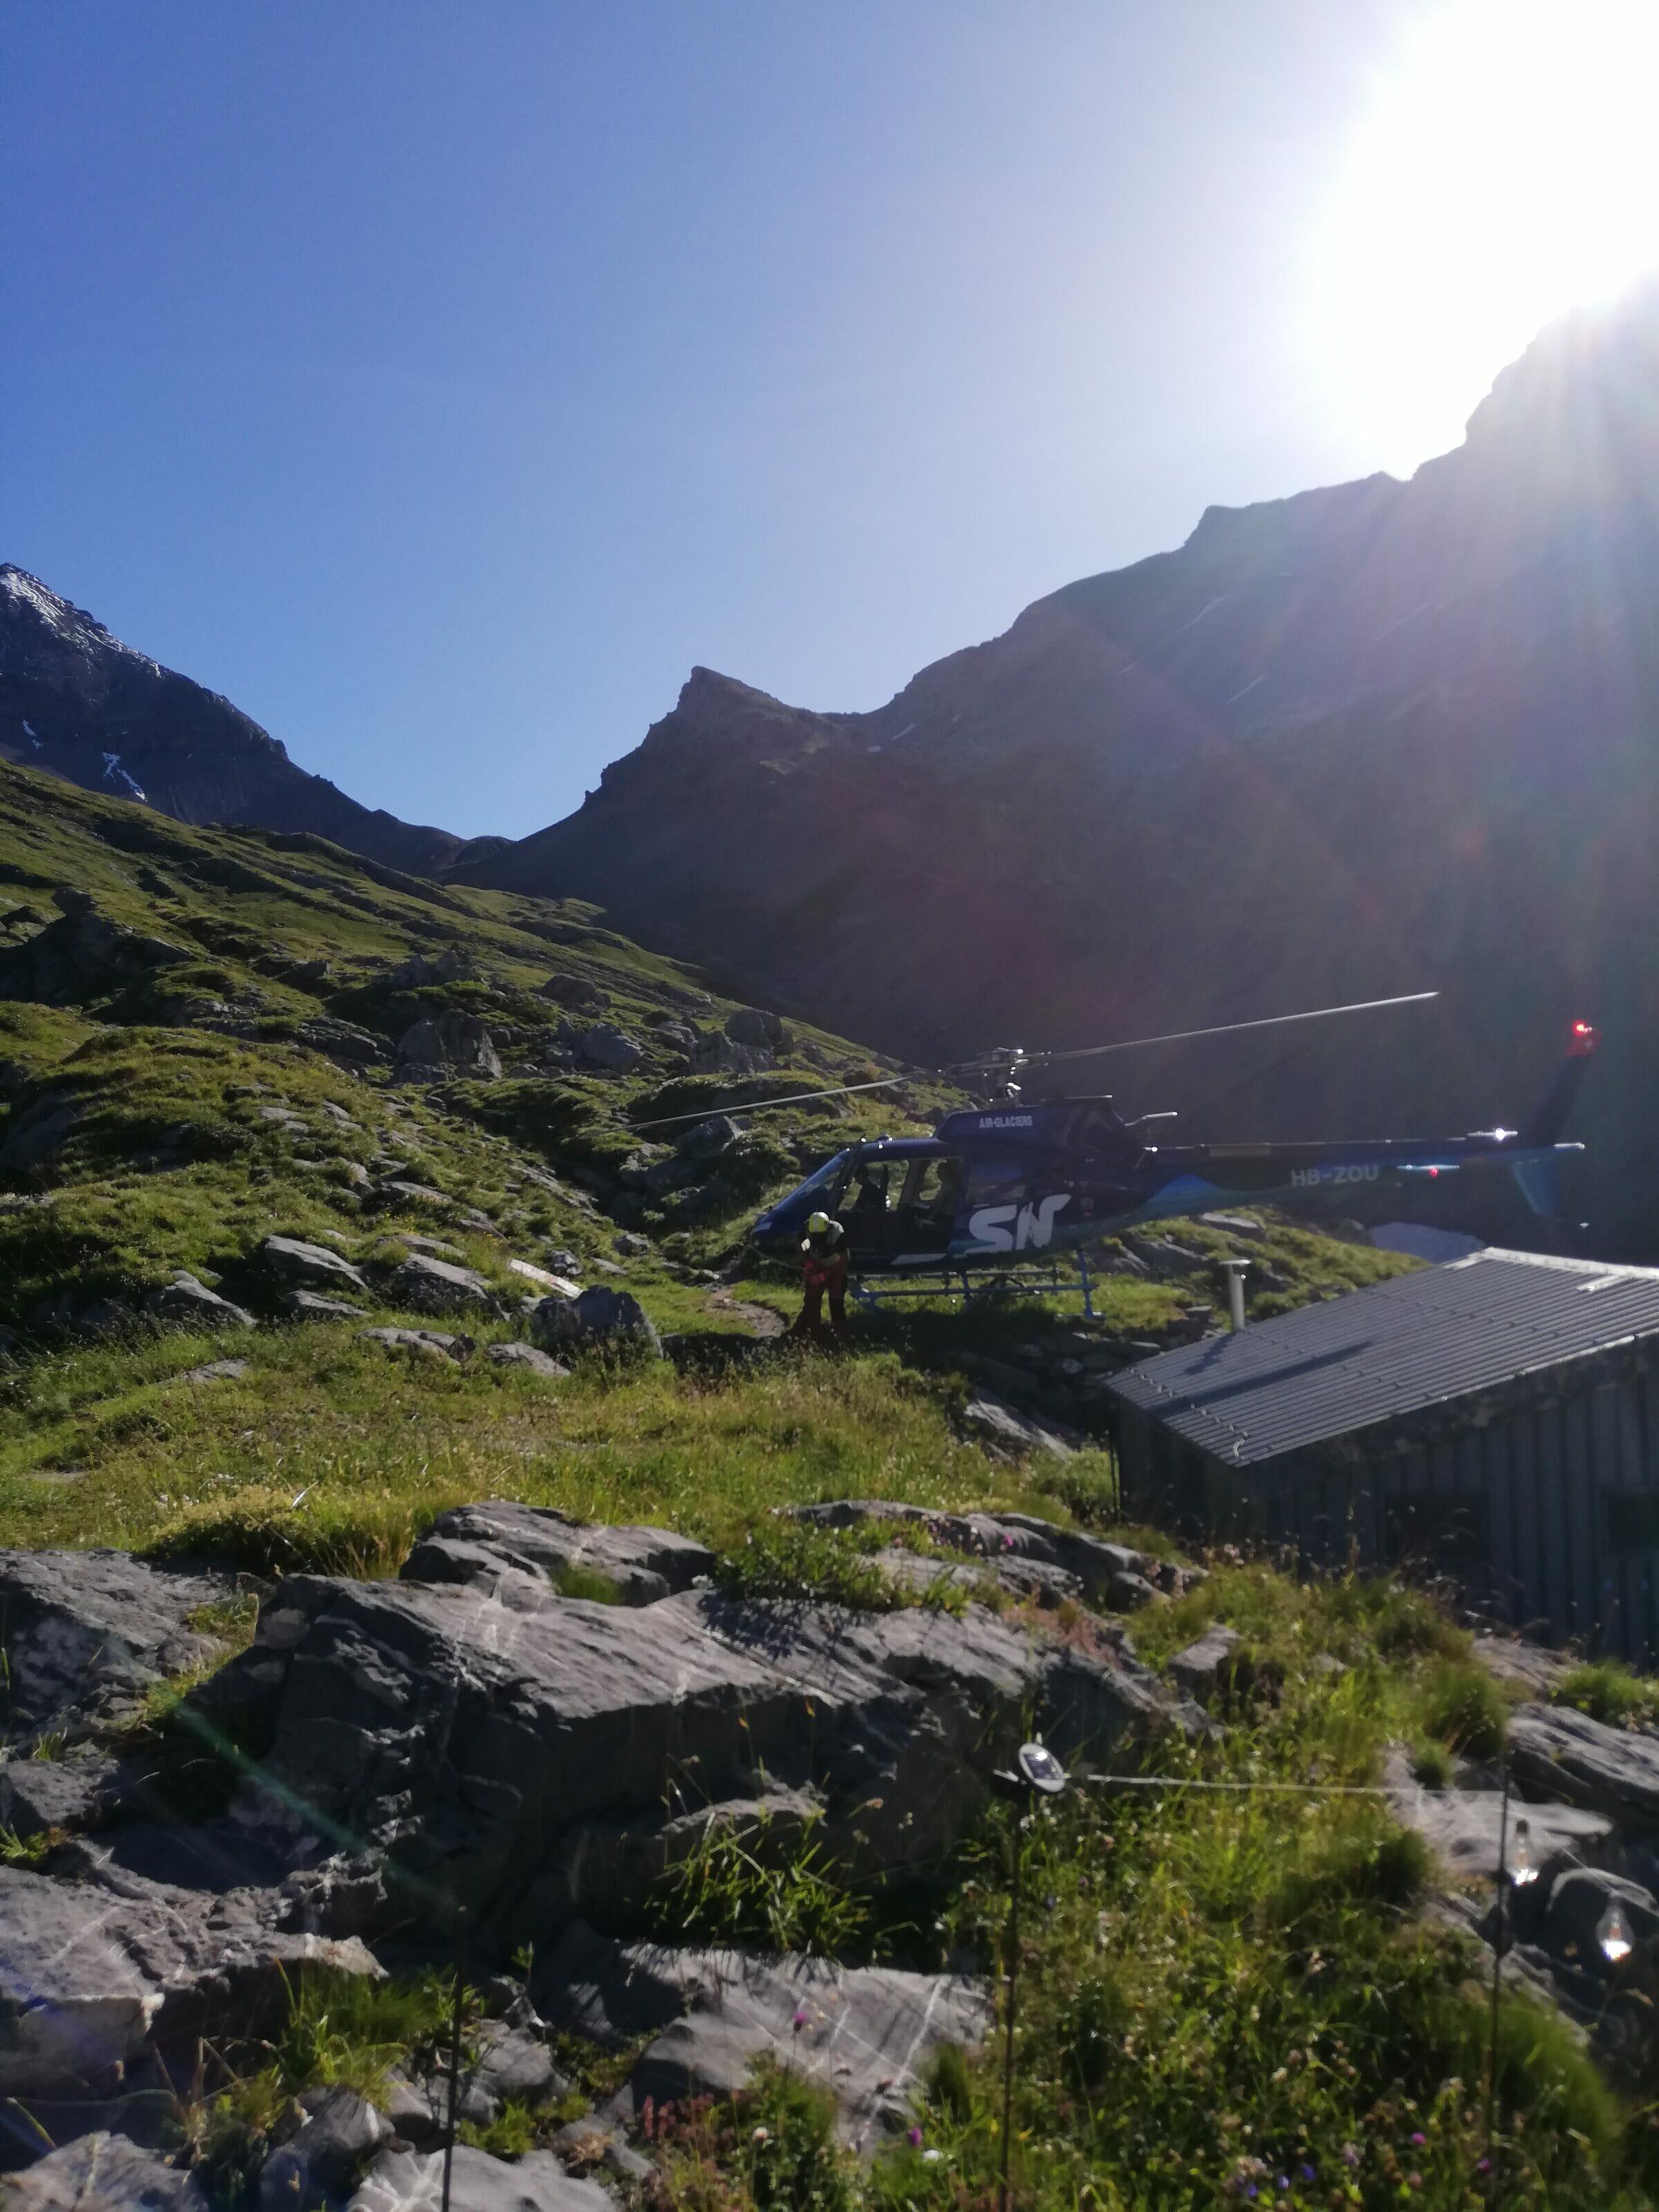 helicoptère refuge de montagne